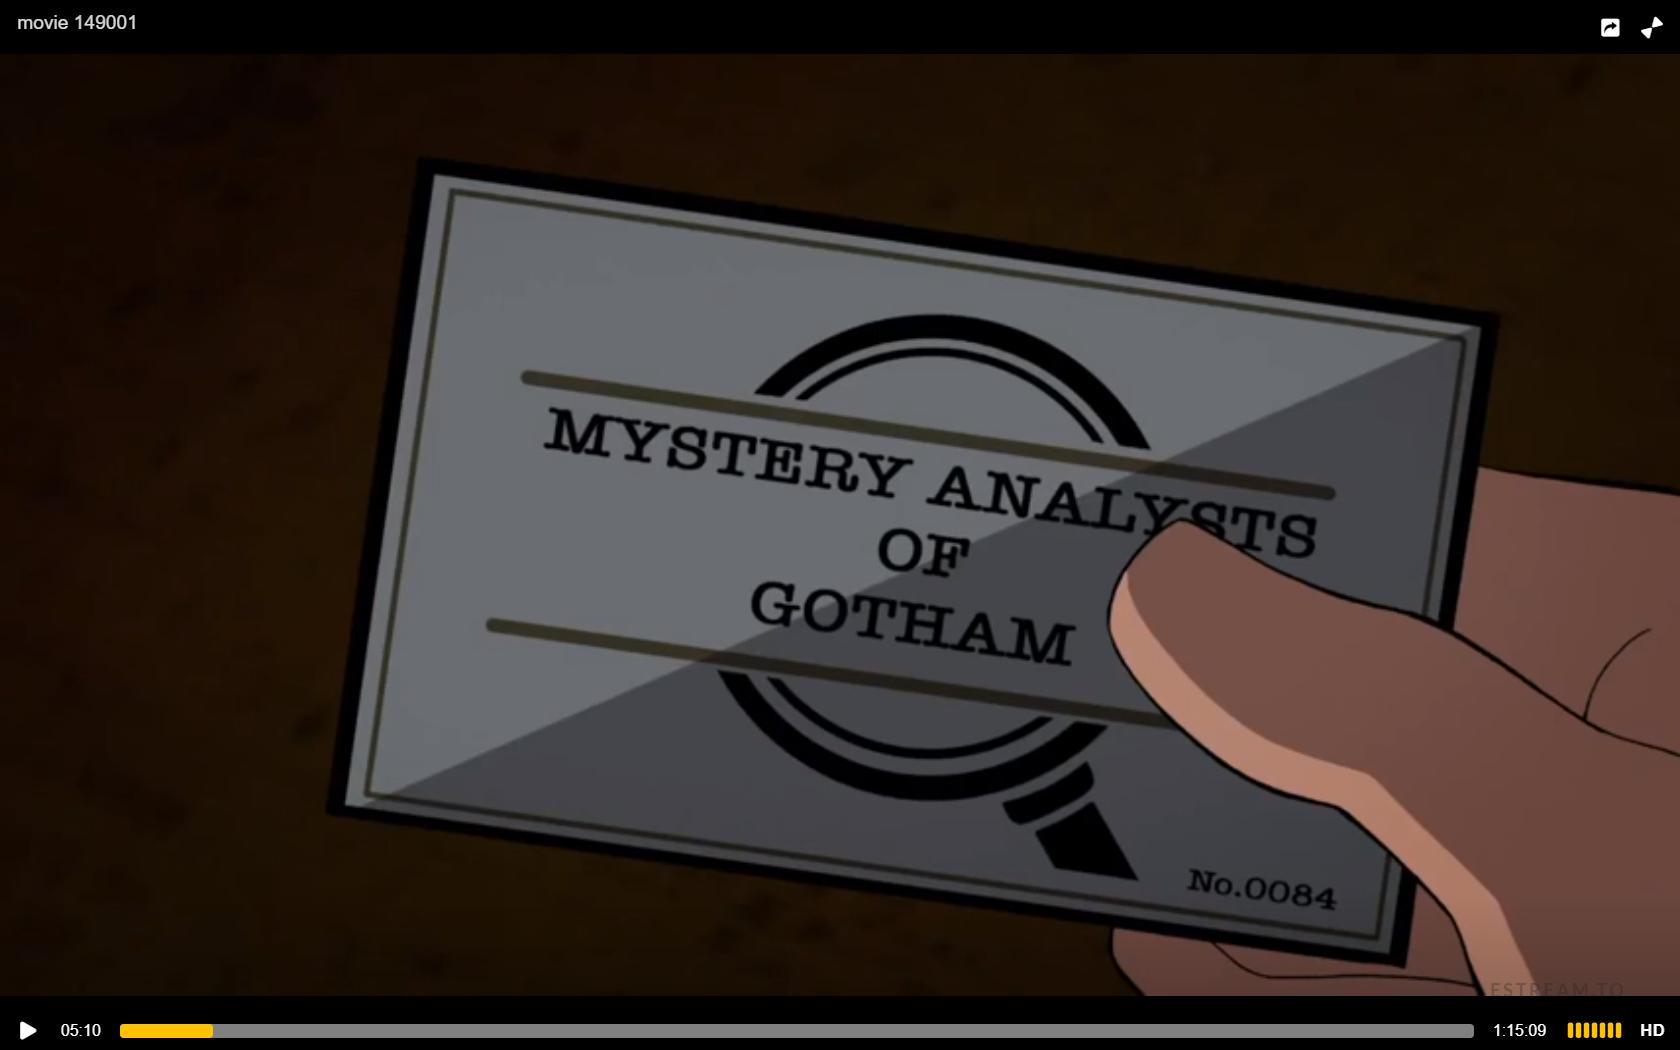 Mystery Analysts of Gotham